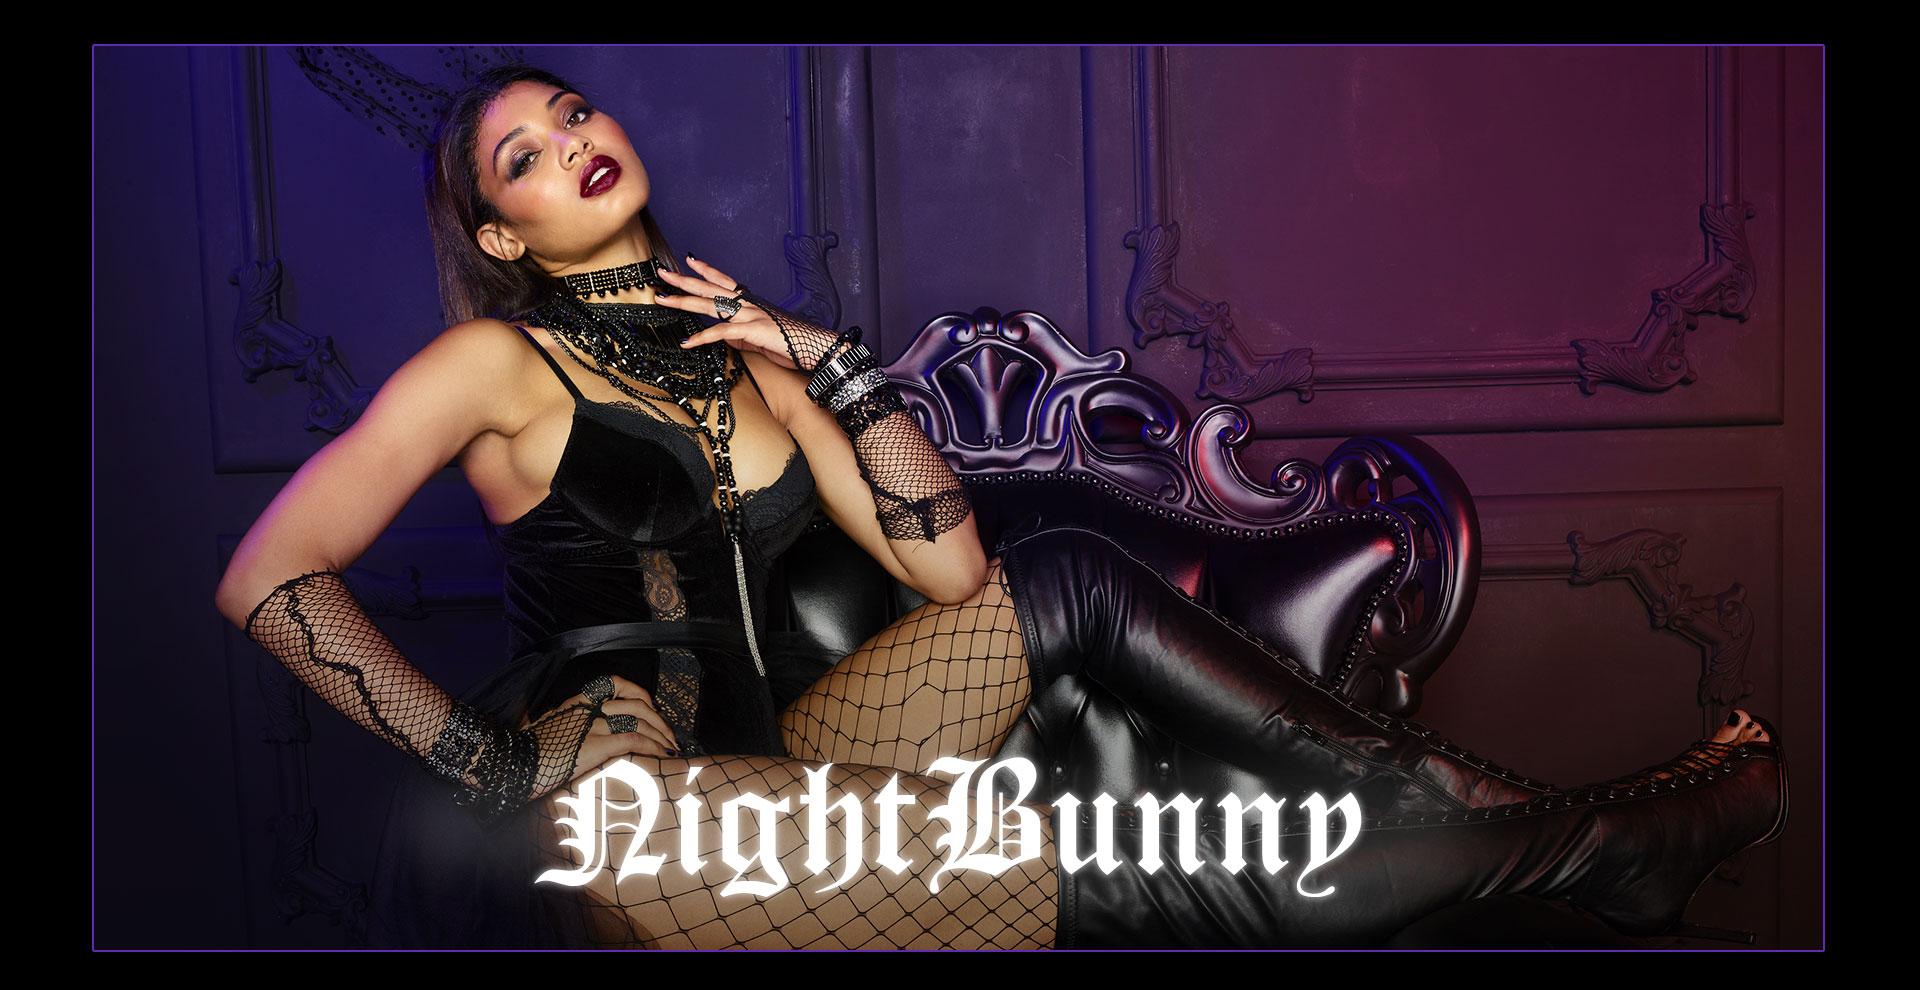 Night Bunny.